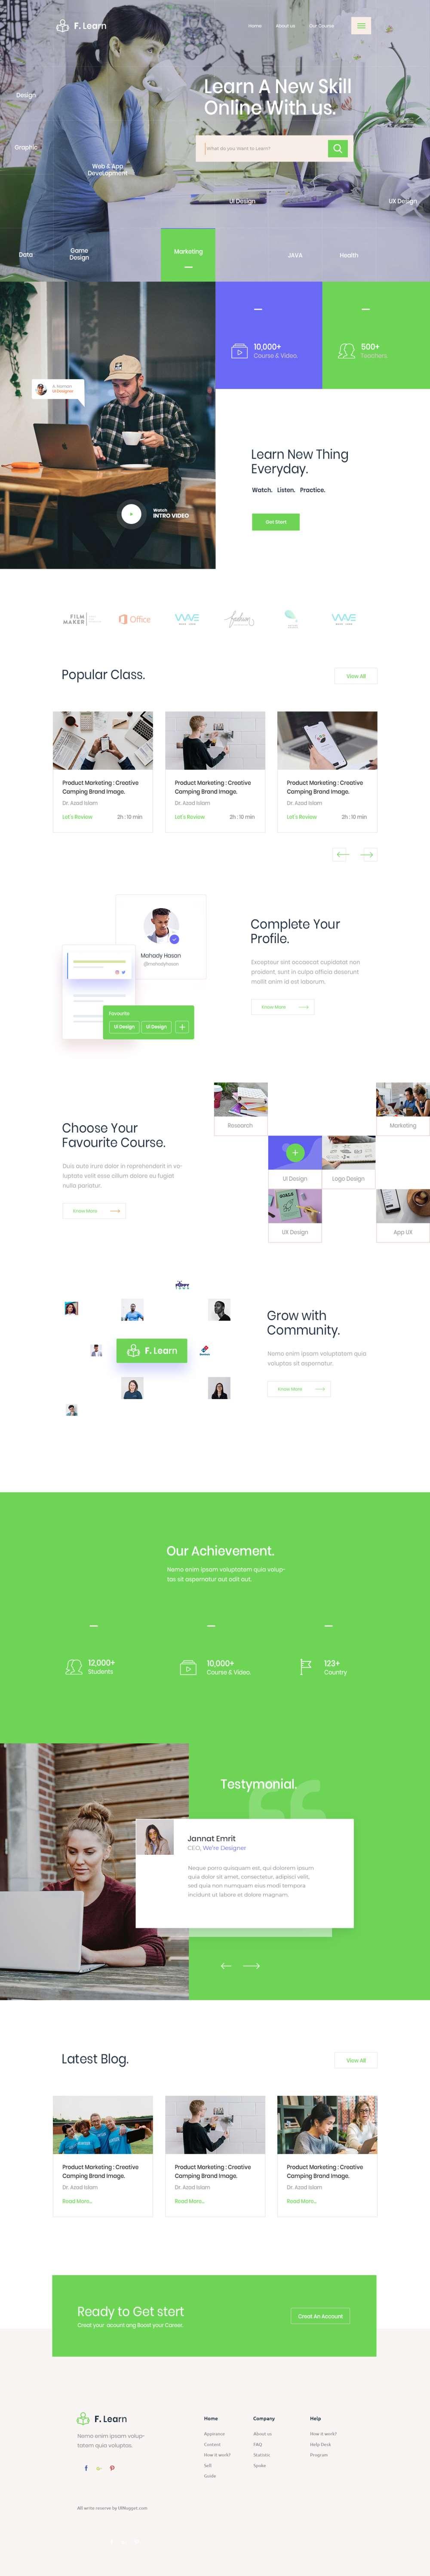 Online Learning Web Design Inspiration